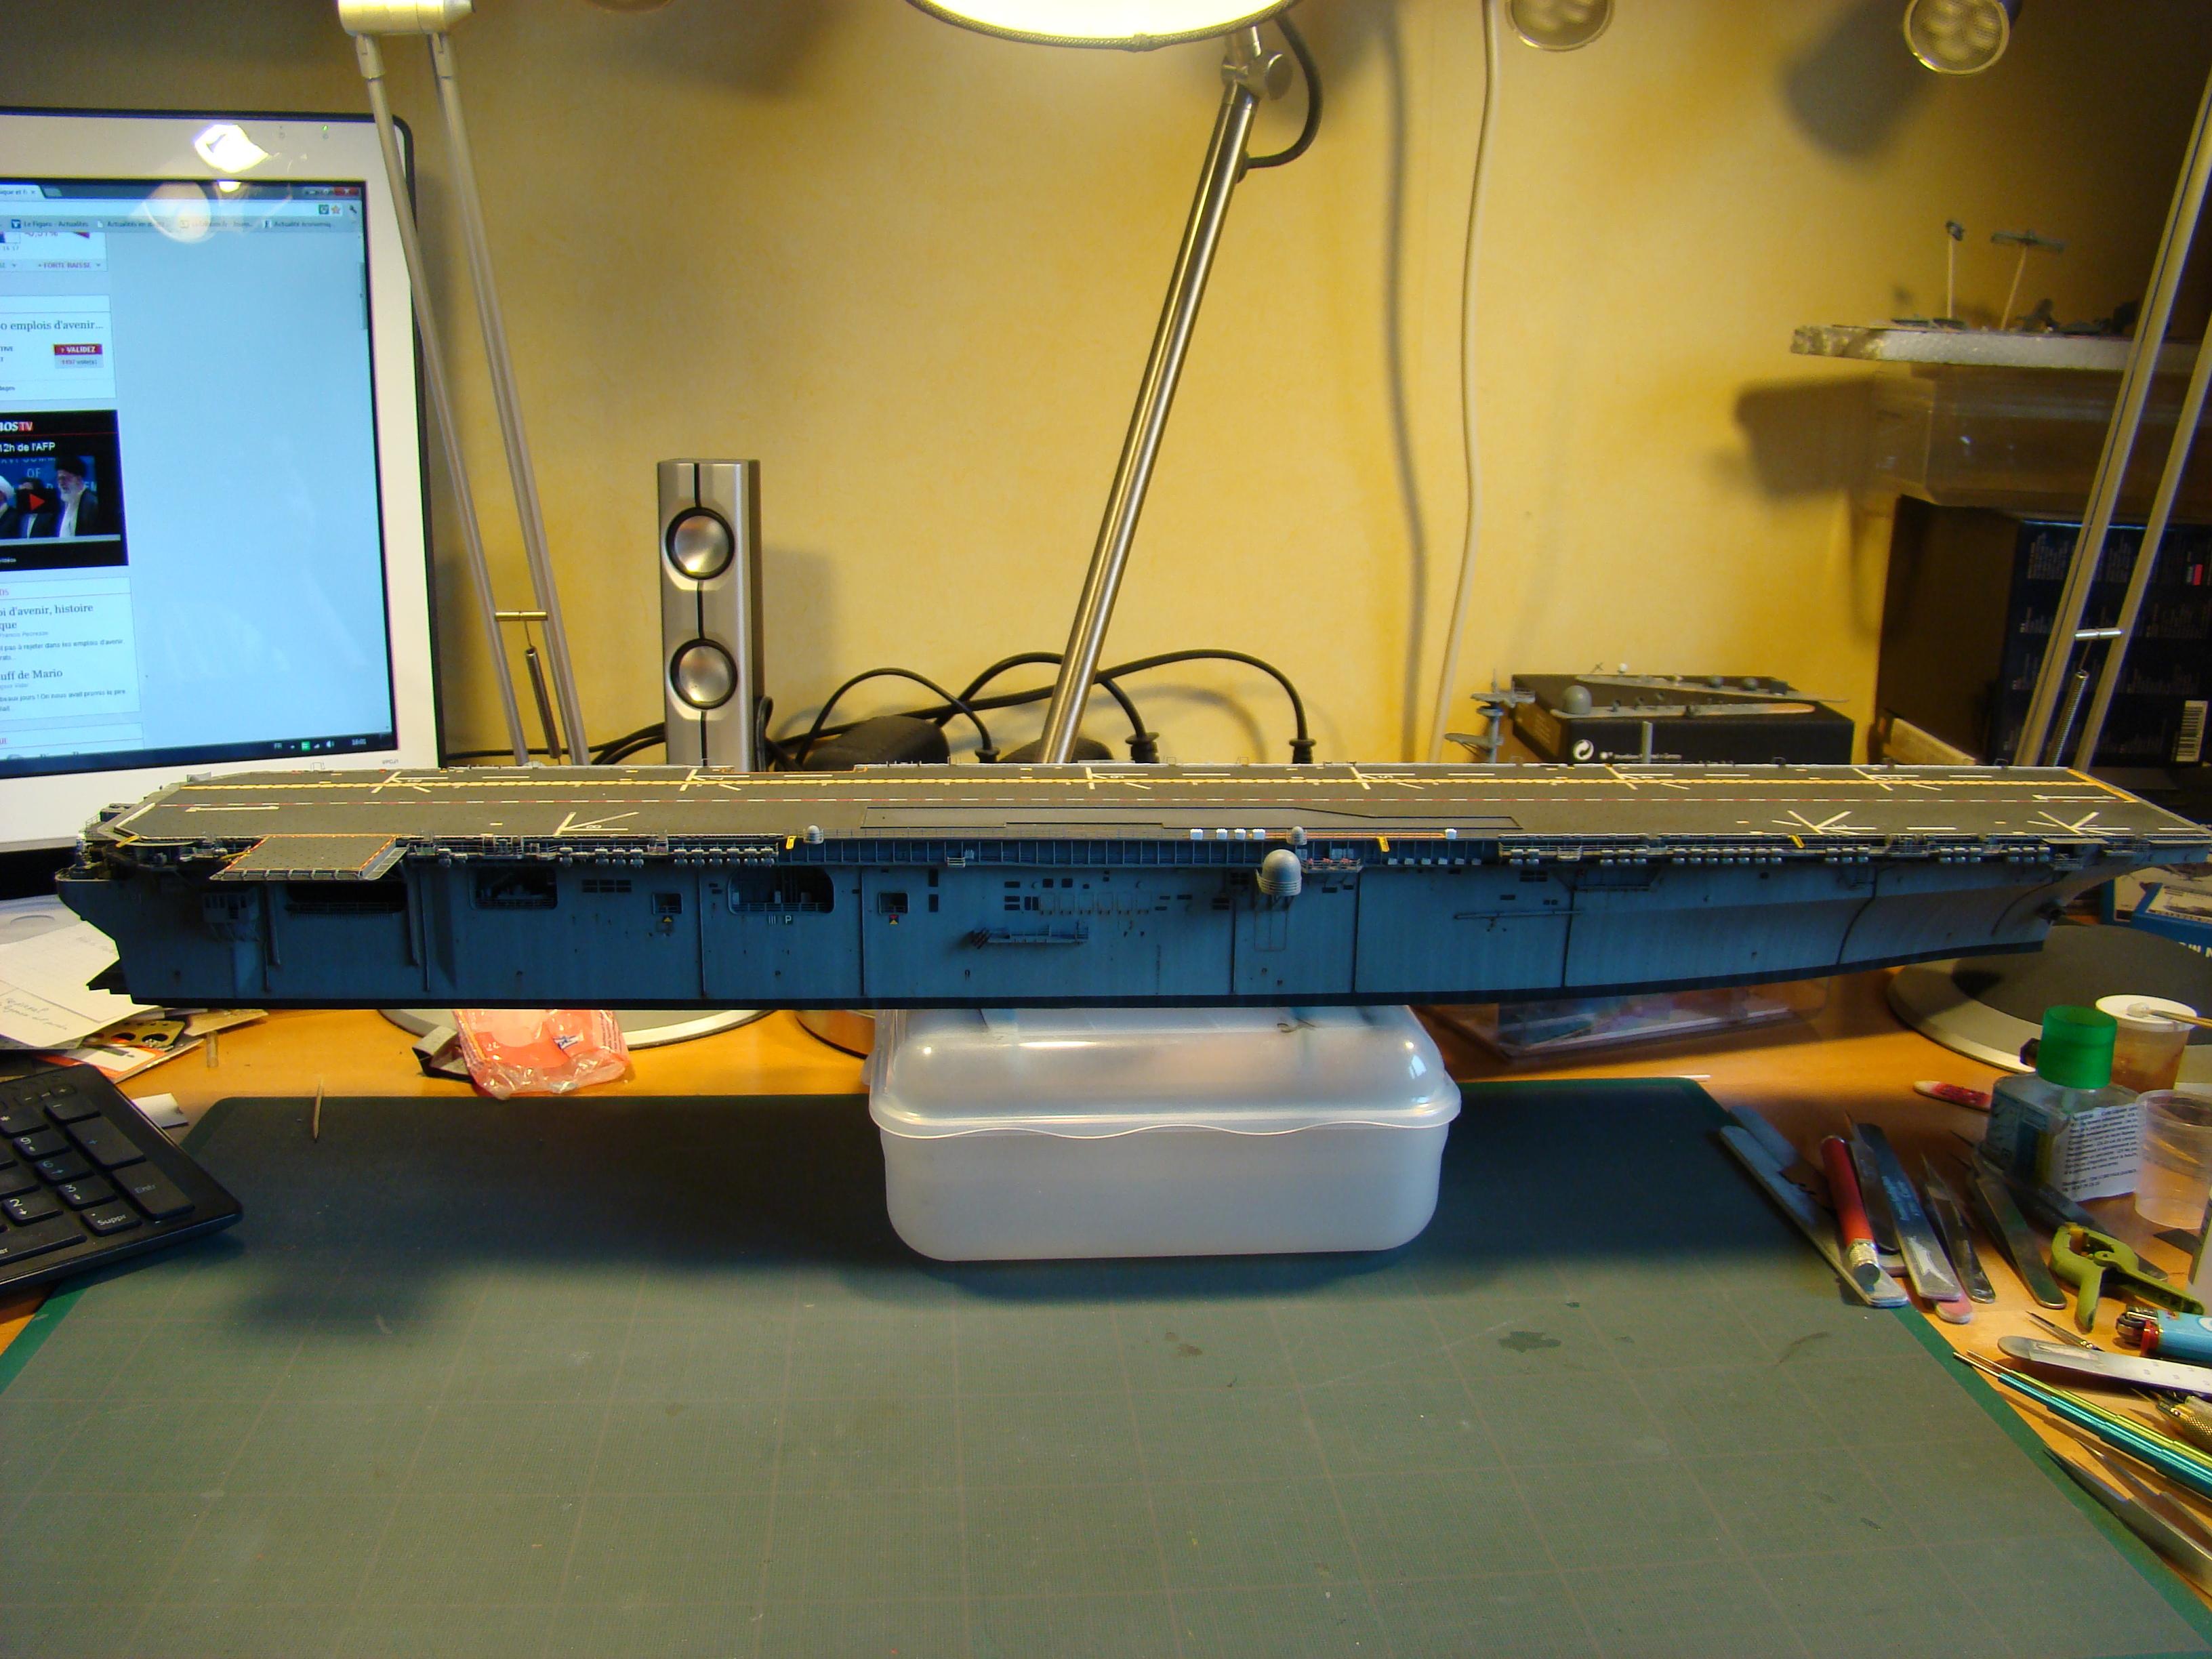 USS WASP LHD-1 au 1/350ème par nova73 - Page 7 Dsc09100b